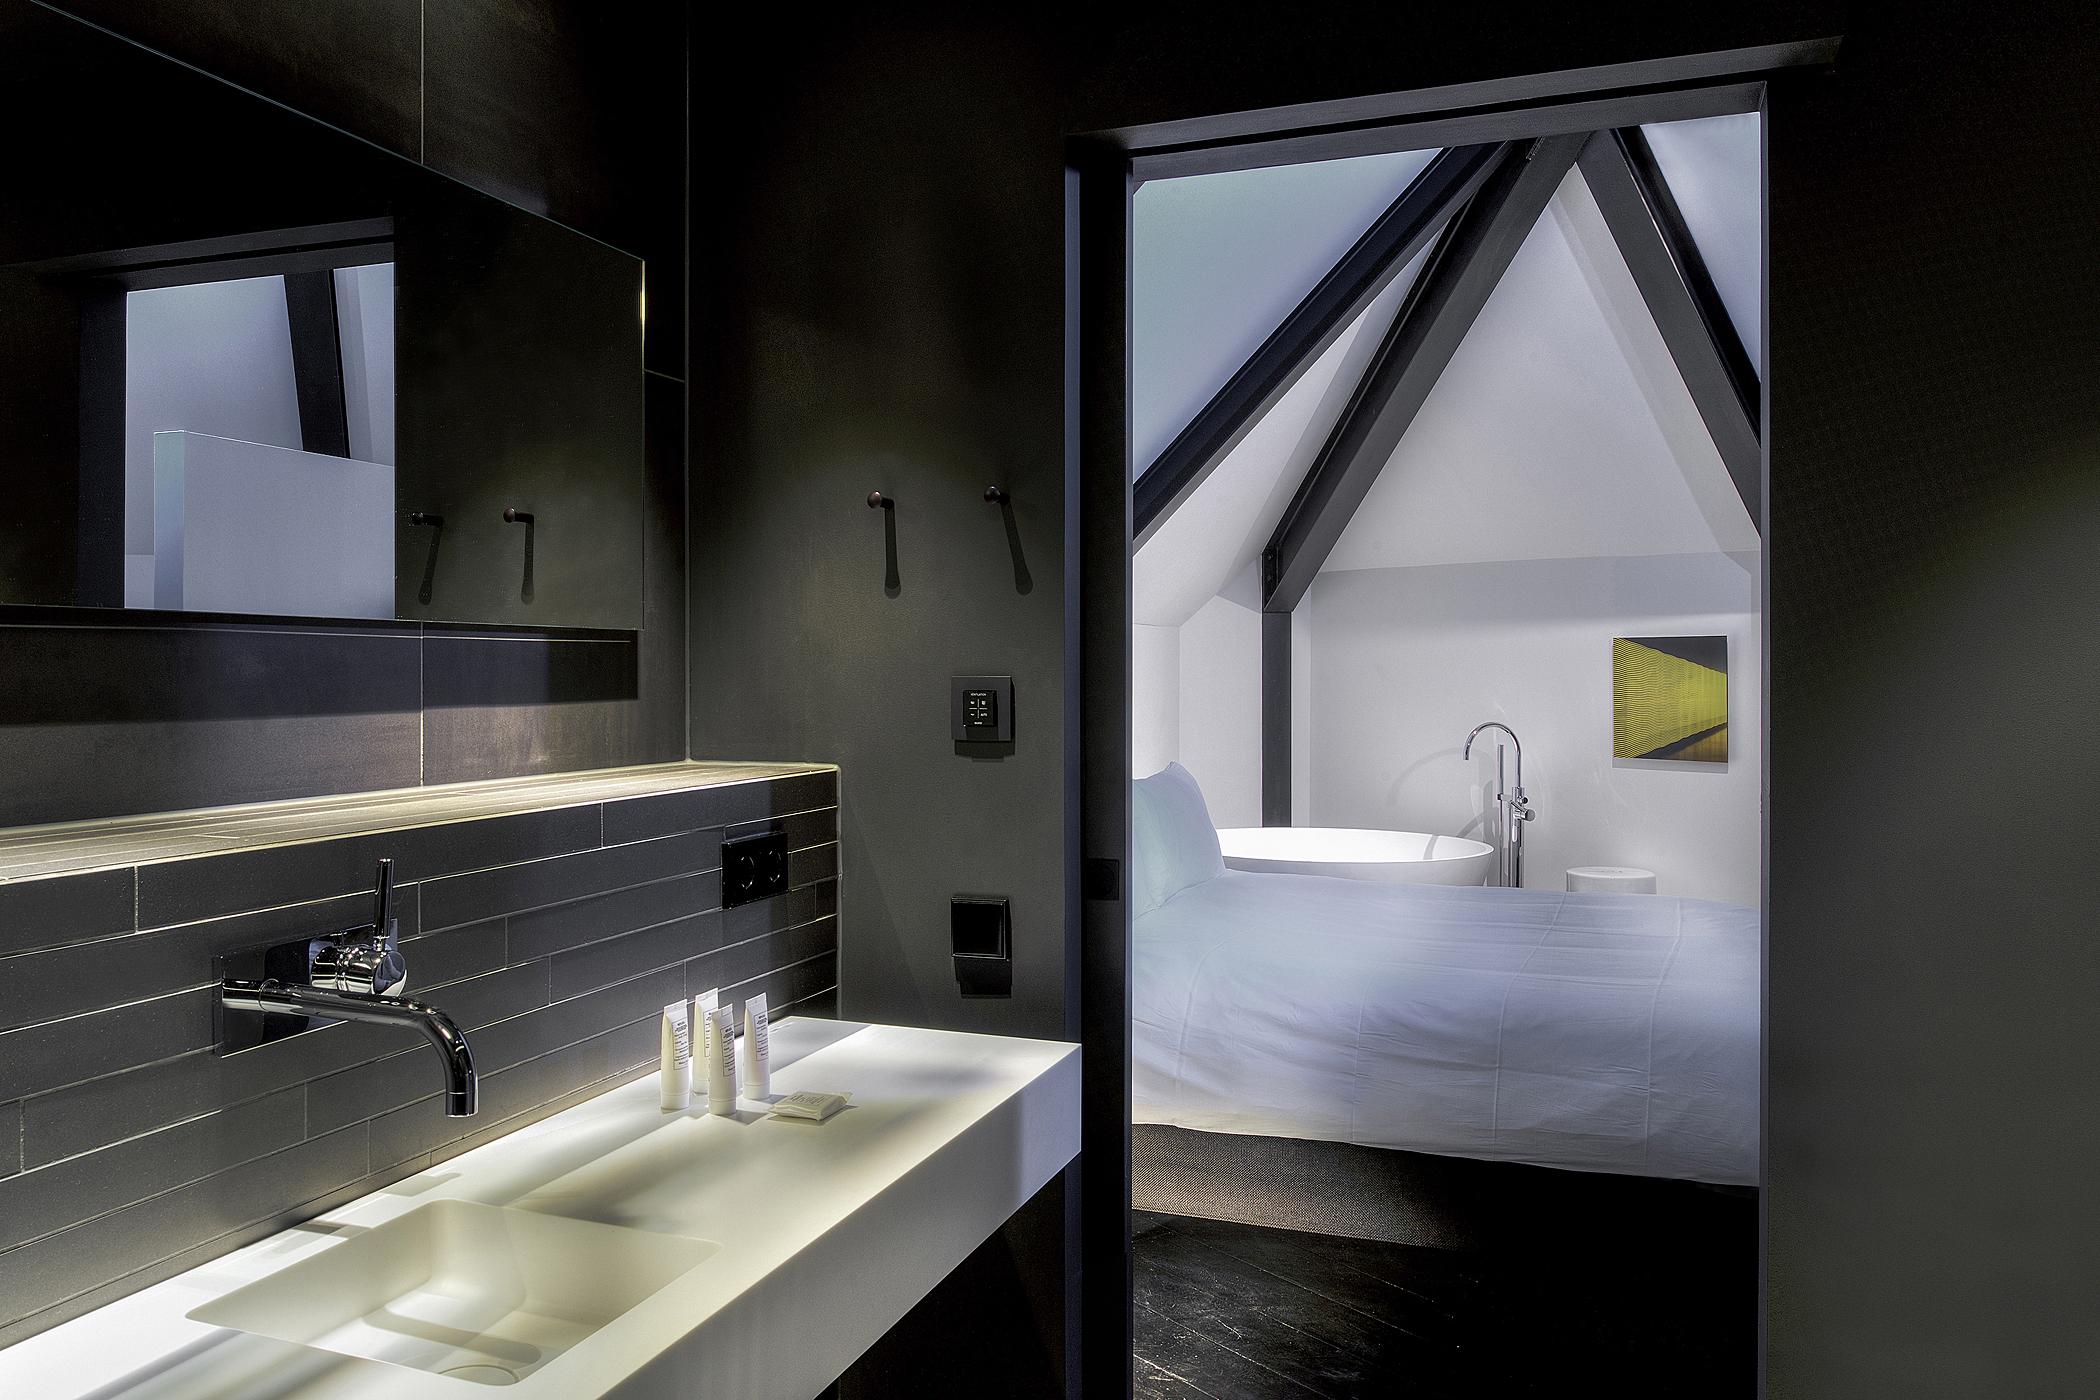 Kazerne Paljas Loft Bathroom Image Patrick Meis